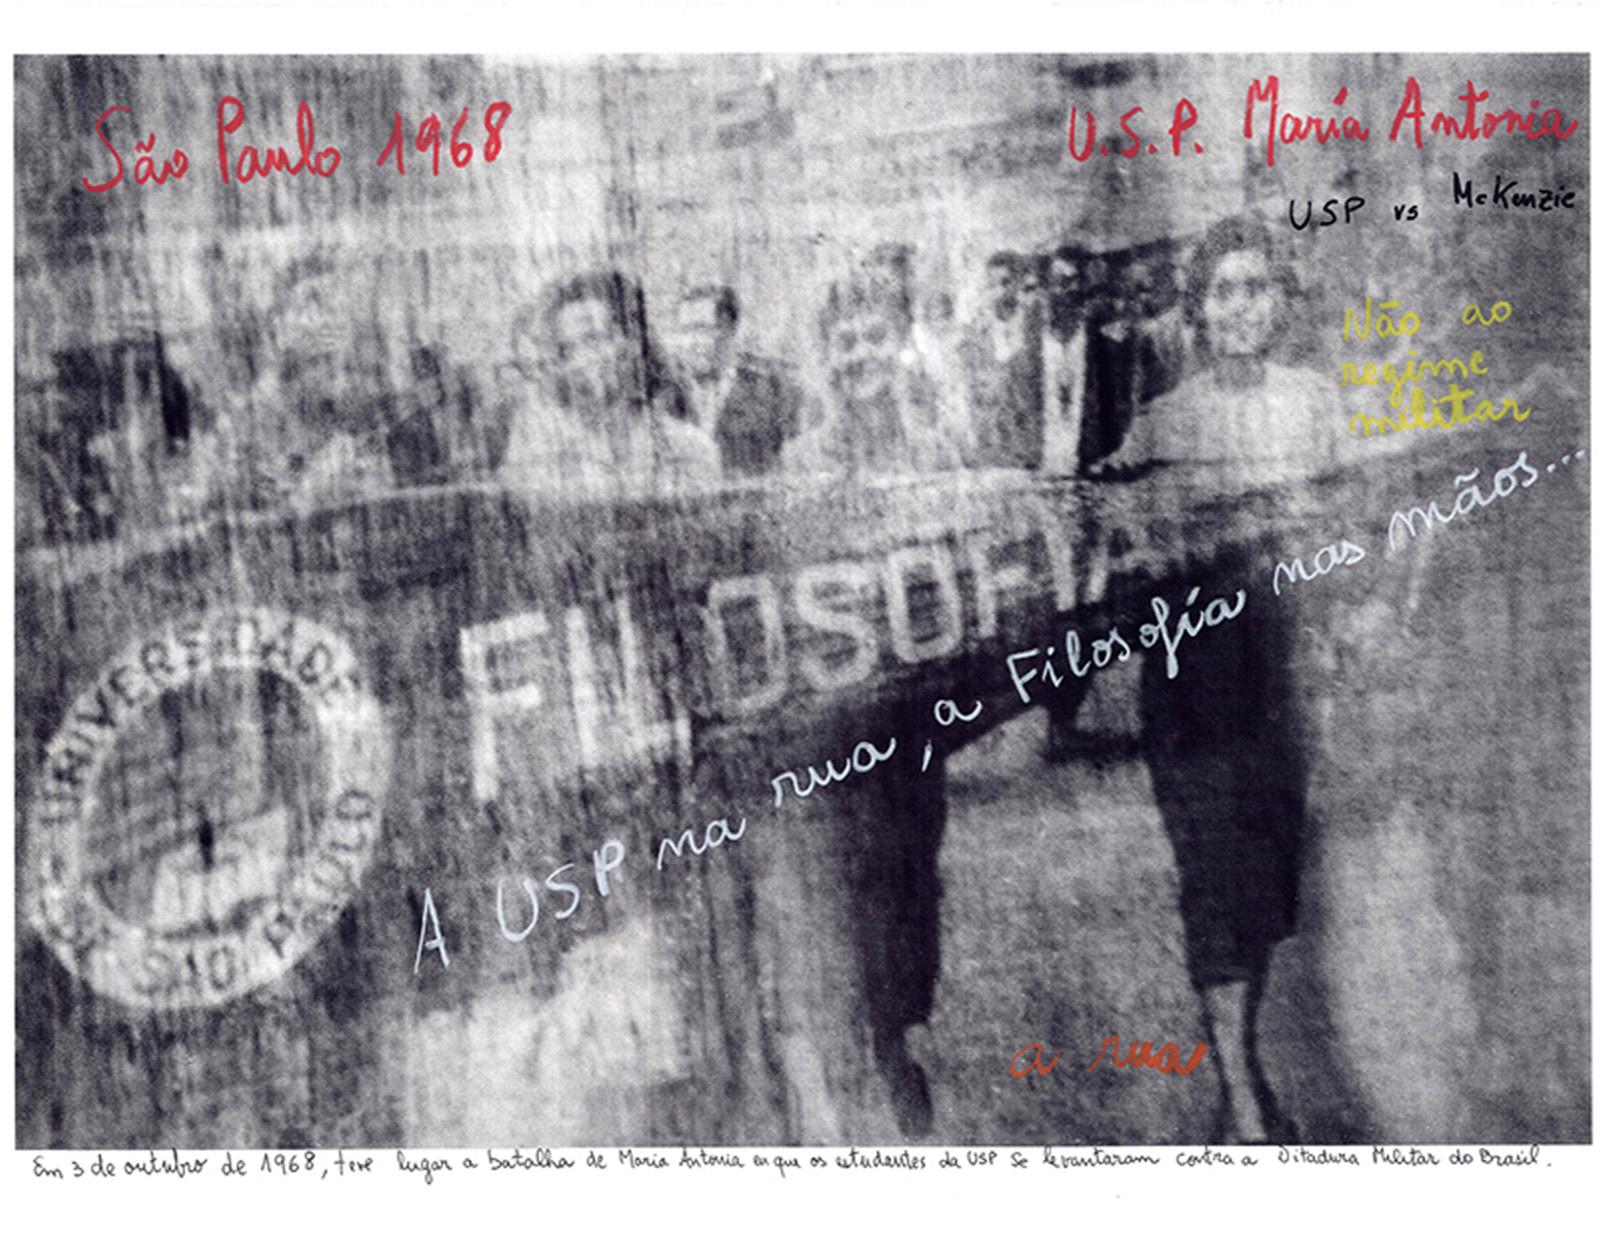 011.USP, SP, 1968, 2014_Foto e intervenção Marcelo Brodsky